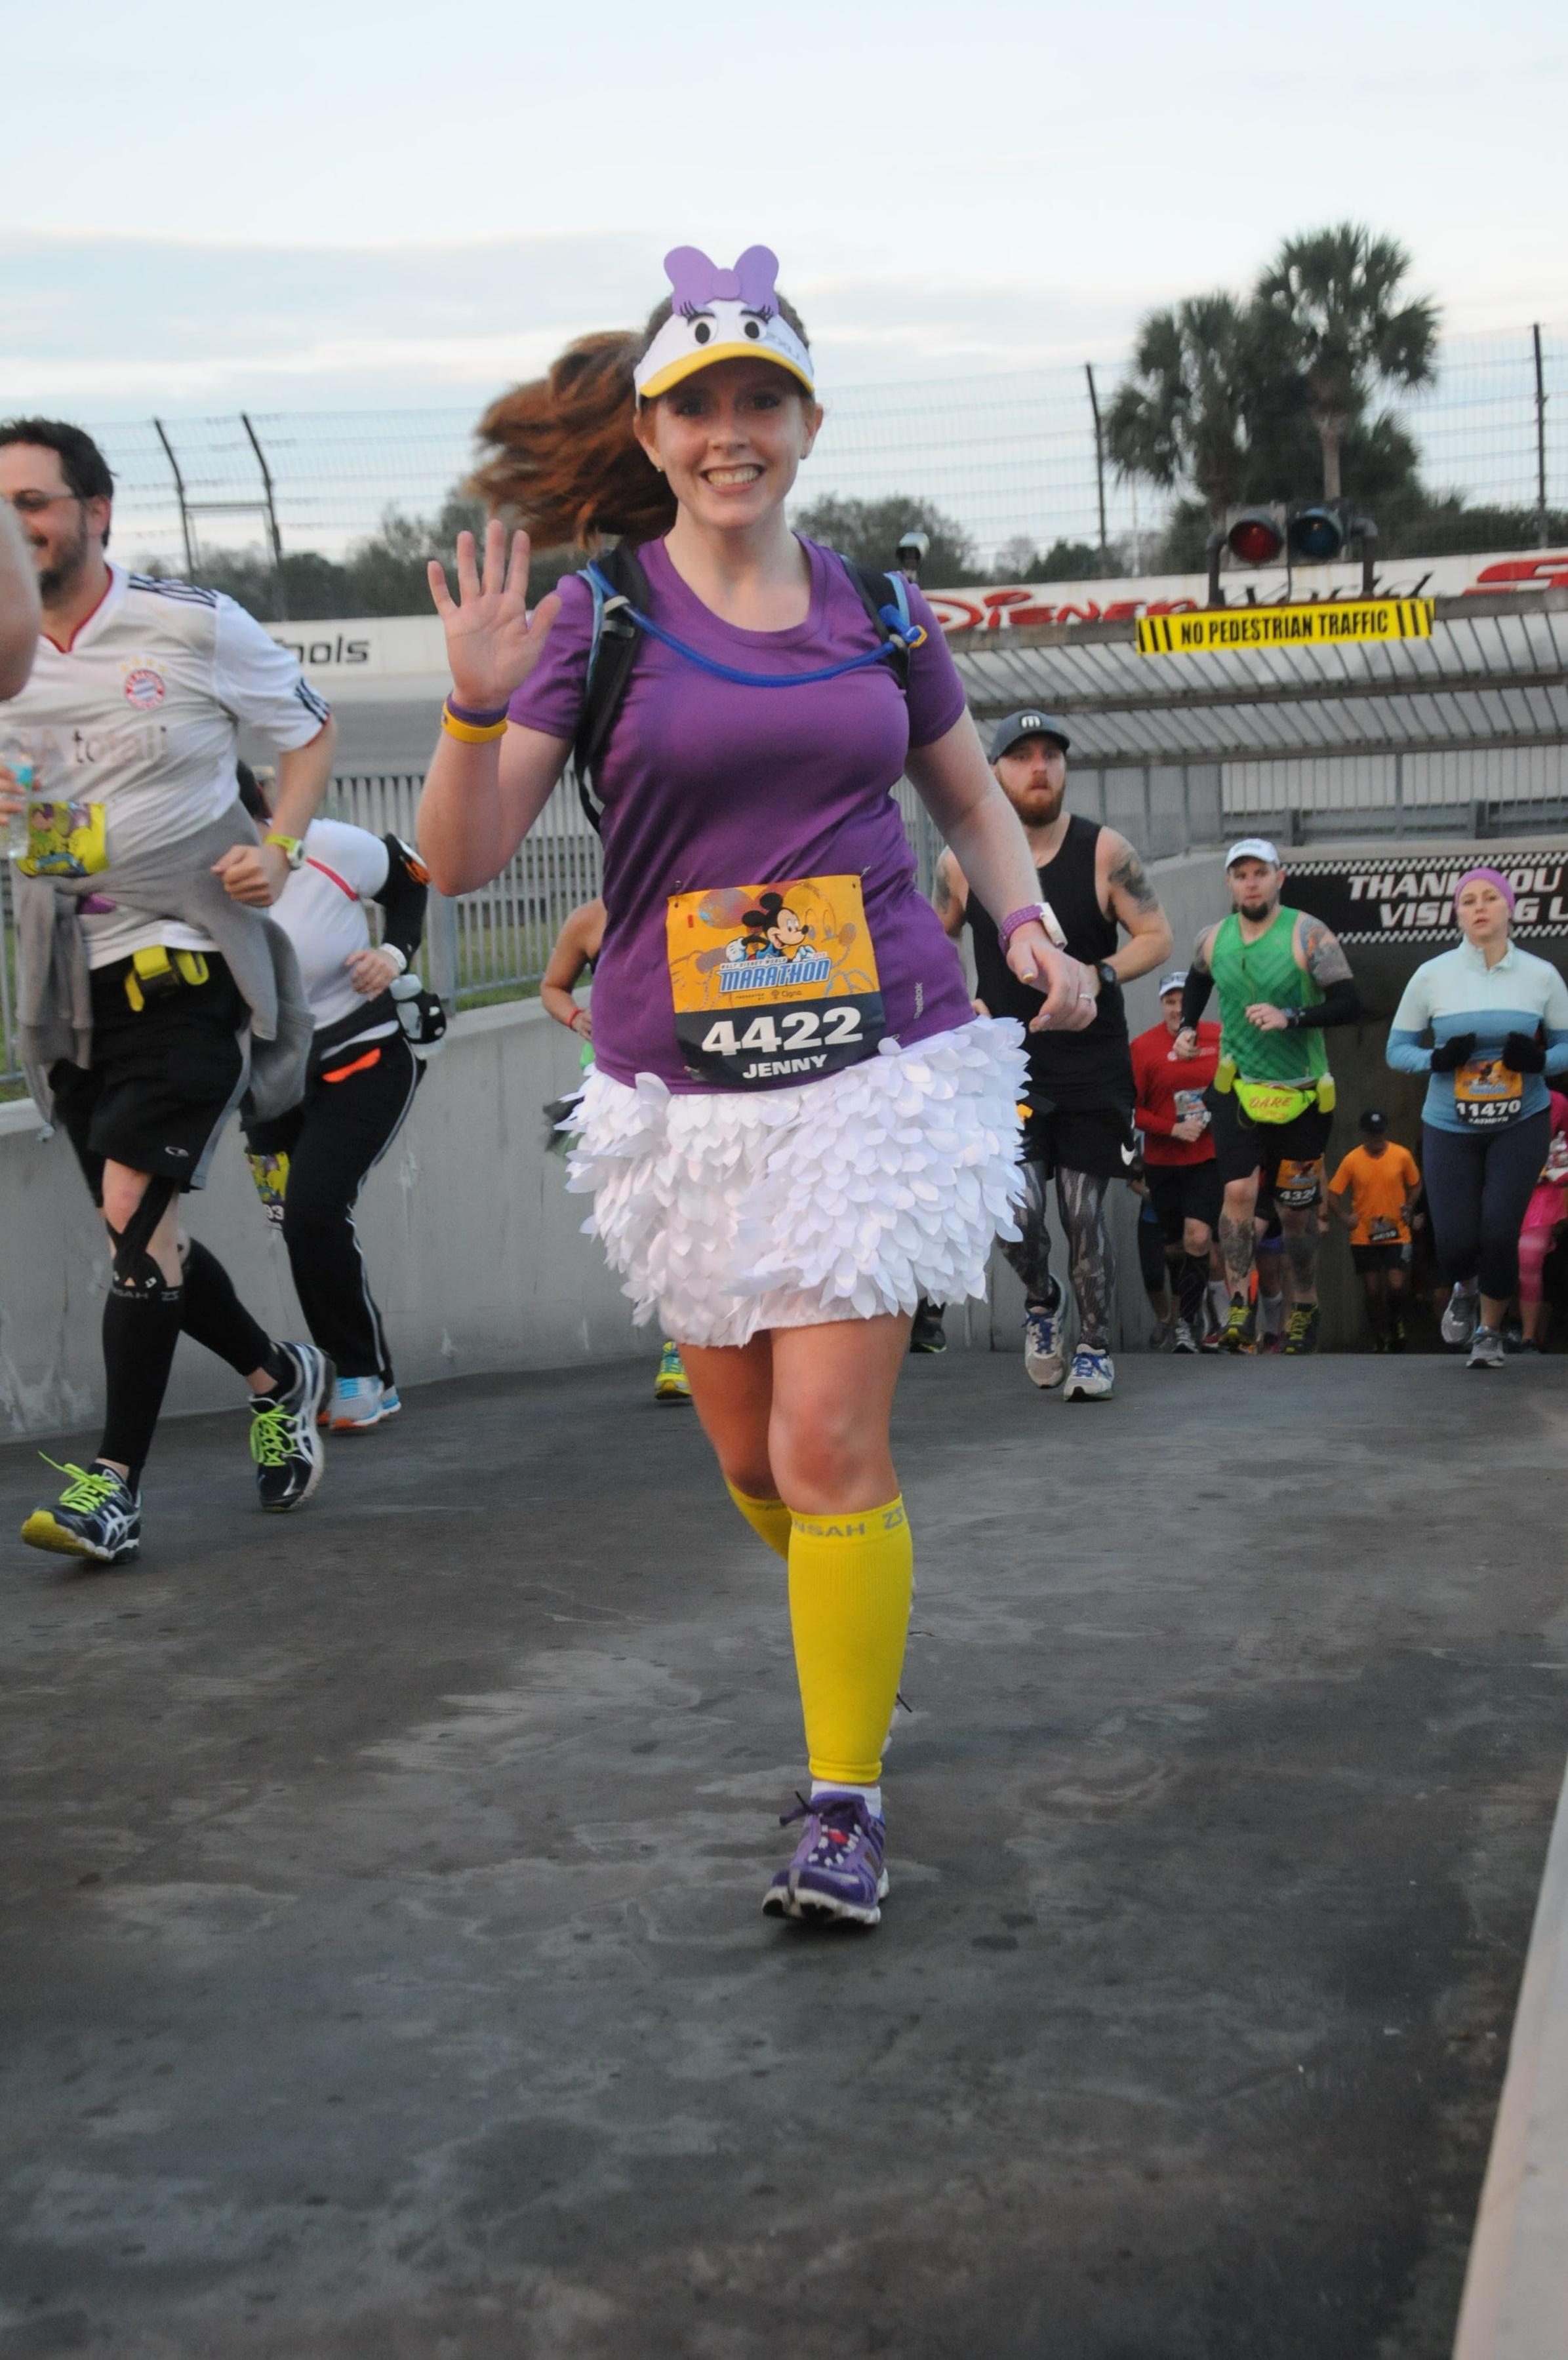 About  sc 1 st  Sew Much Run & Tinkerbell Half Marathon Recap | Sew Much Run